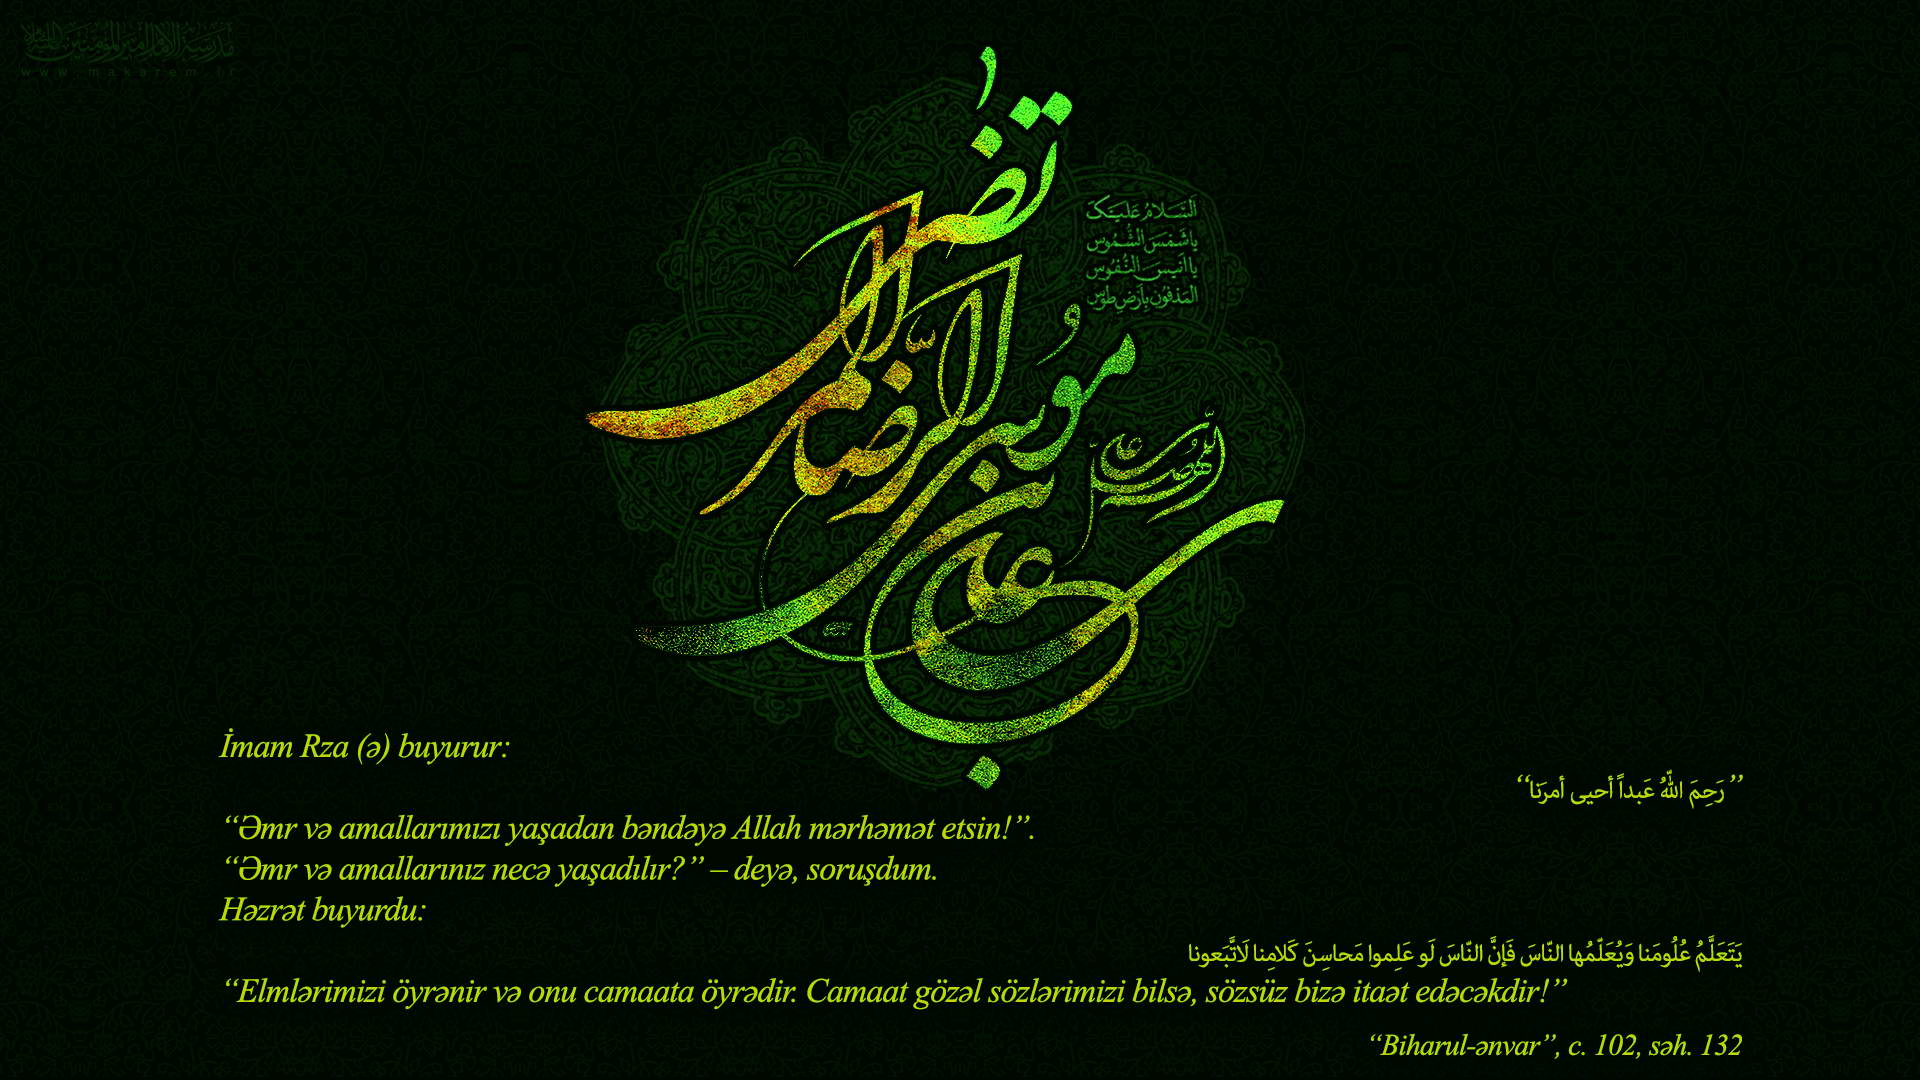 İmam Rza (ə) şəhadəti-05